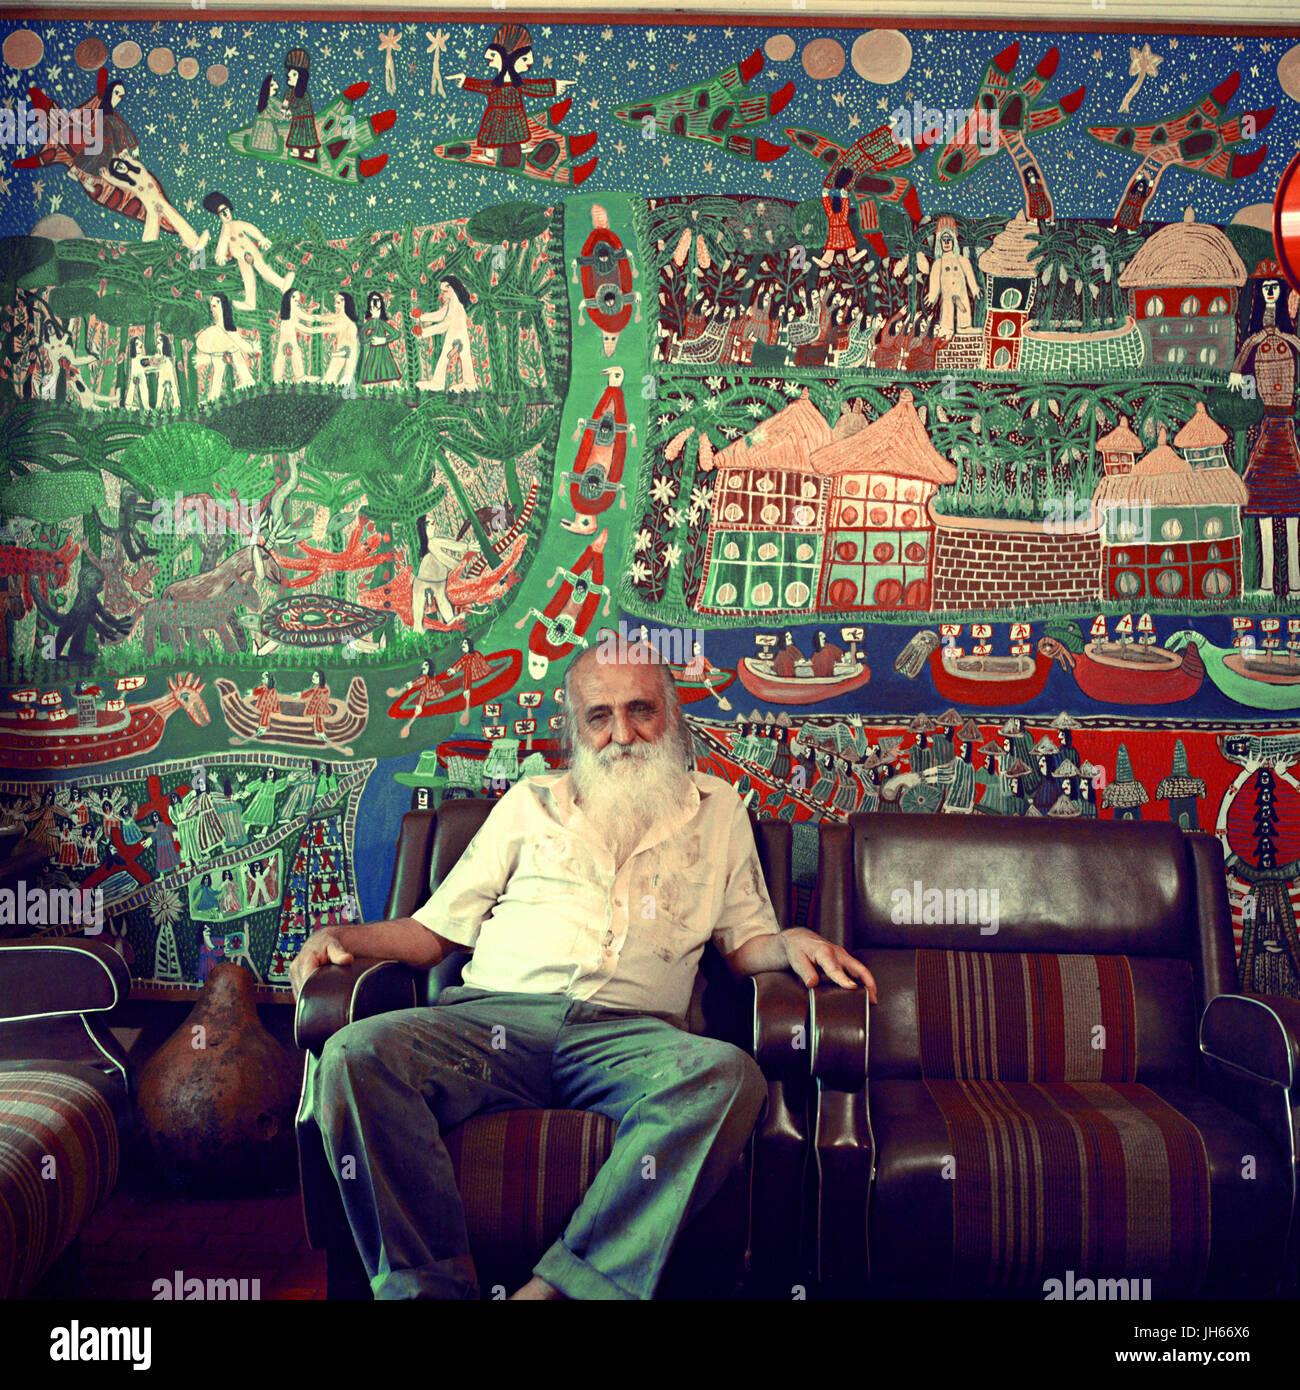 Artist, Antonio Poteiro, painter, Goiânia, Goiás, Brazil - Stock Image